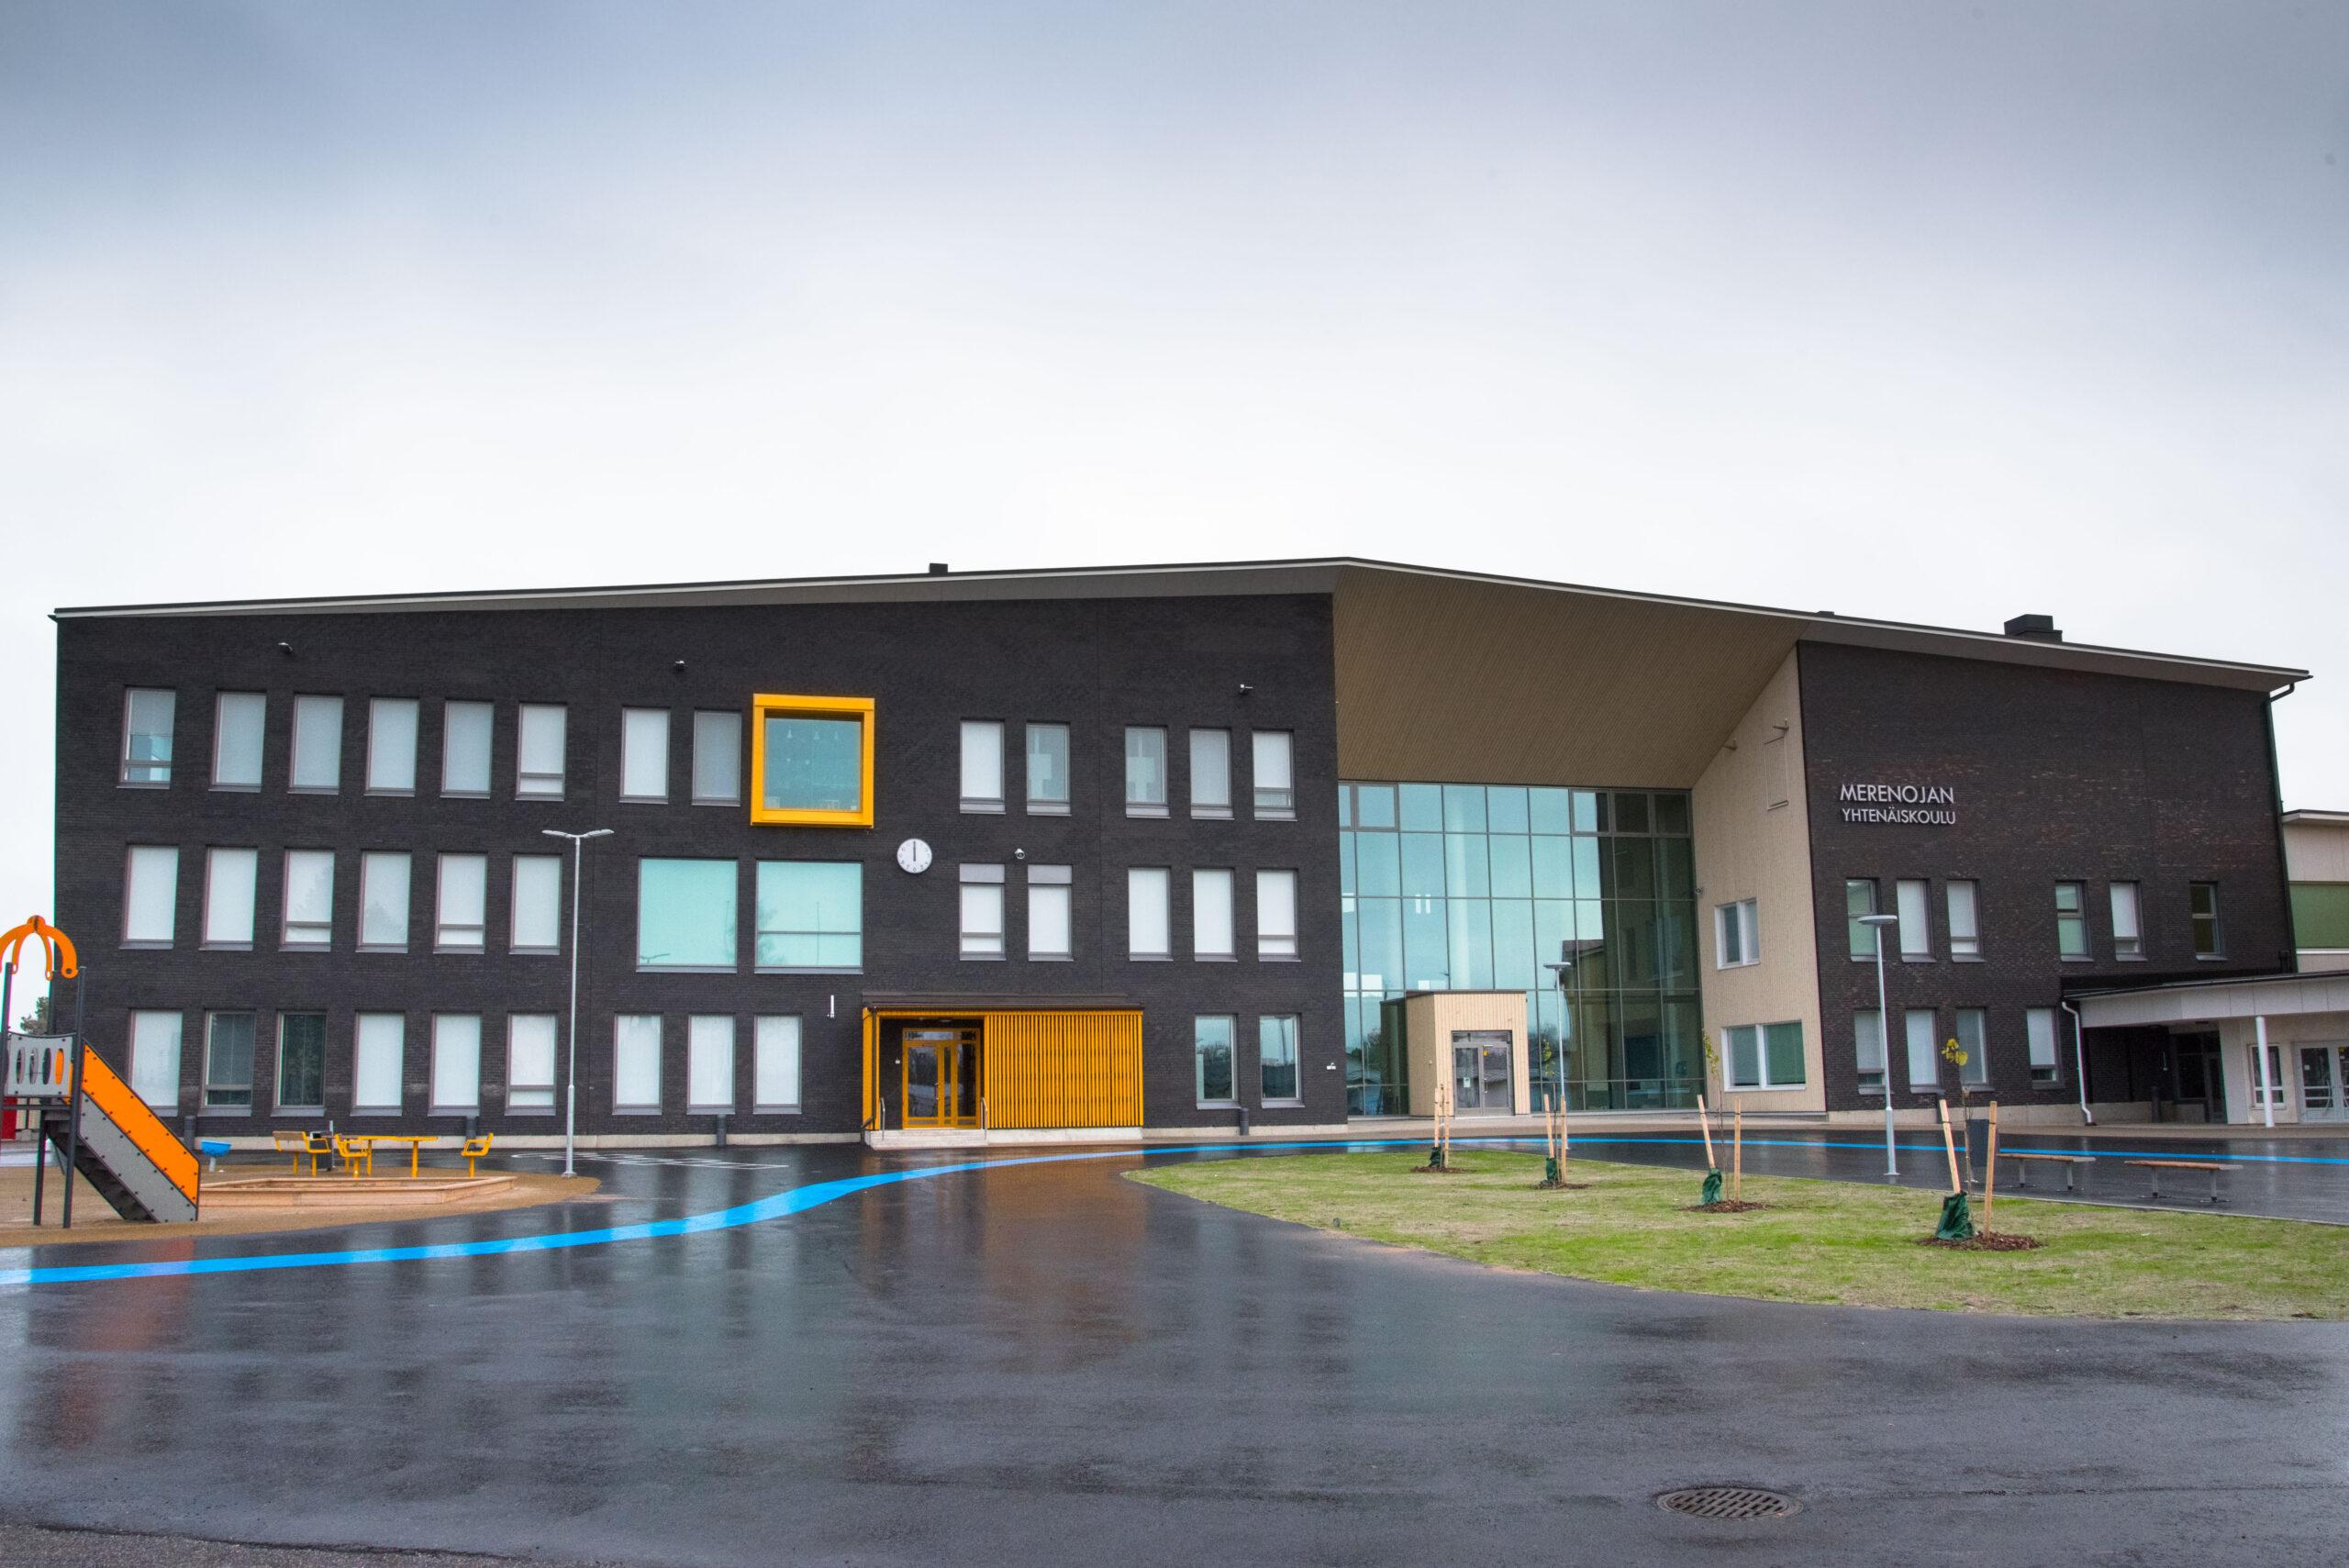 Kuvassa on suuri, moderni koulurakennus pihalta kuvattuna.